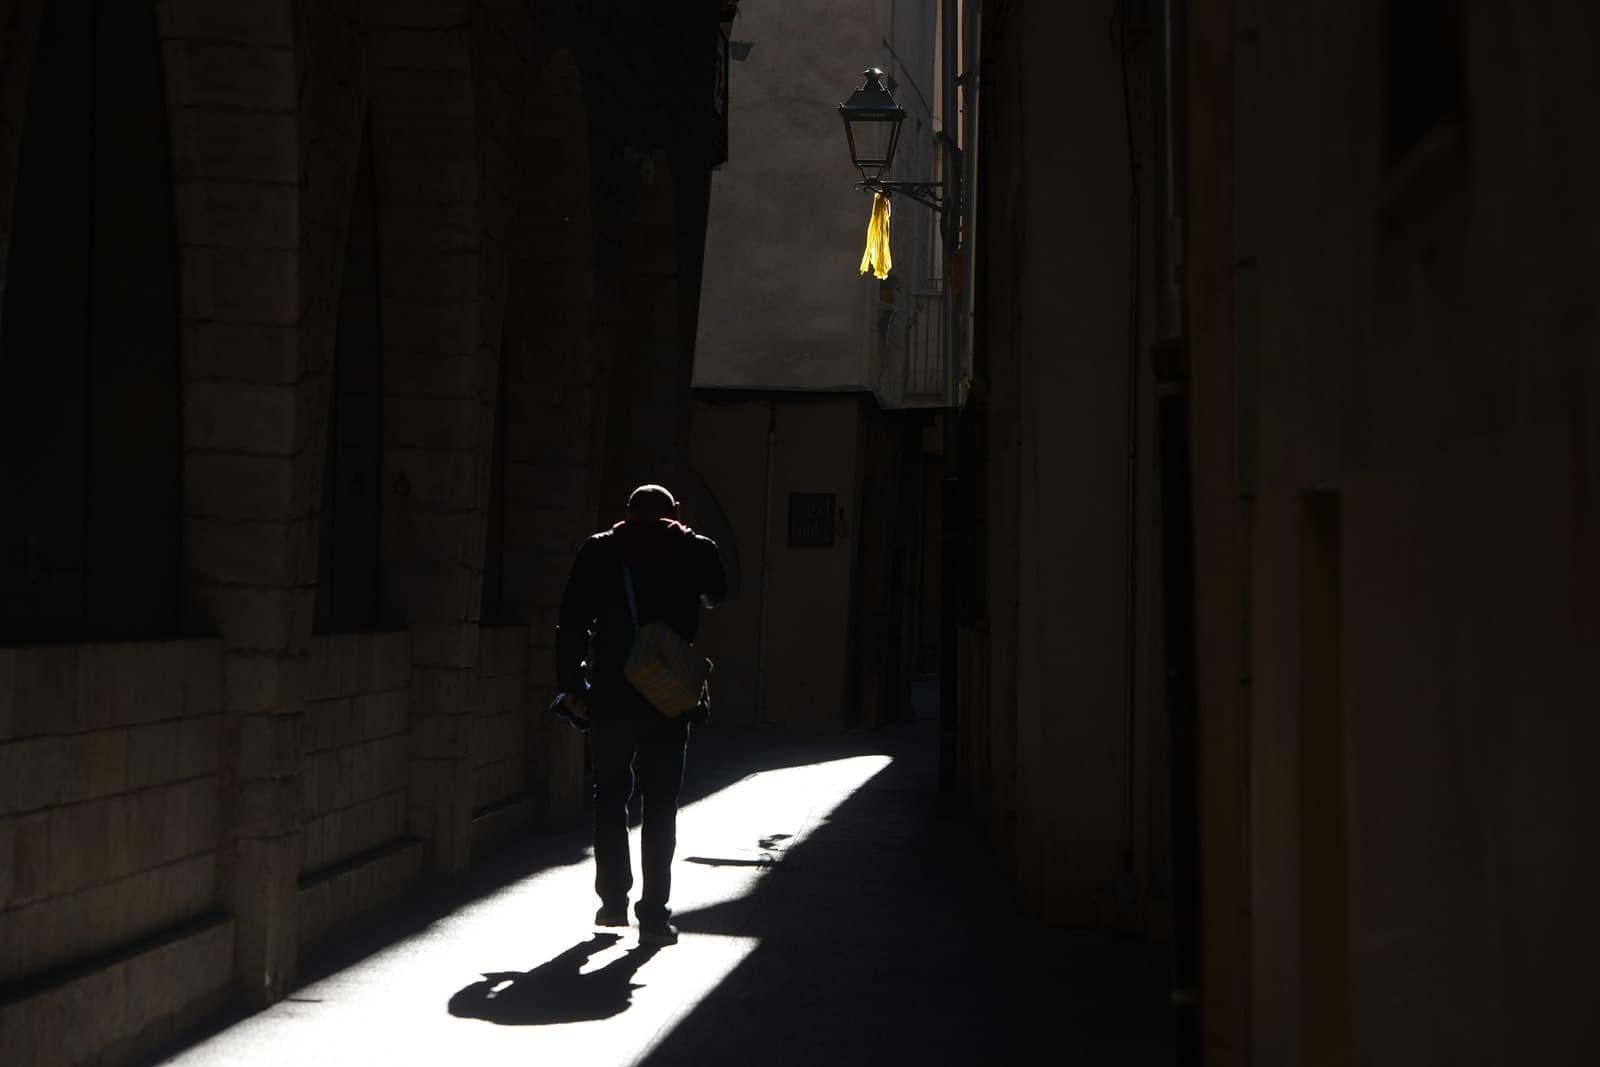 Un llaç groc en un fanal d'un carrer del barri Vell de Girona. © Xavier Jubierre